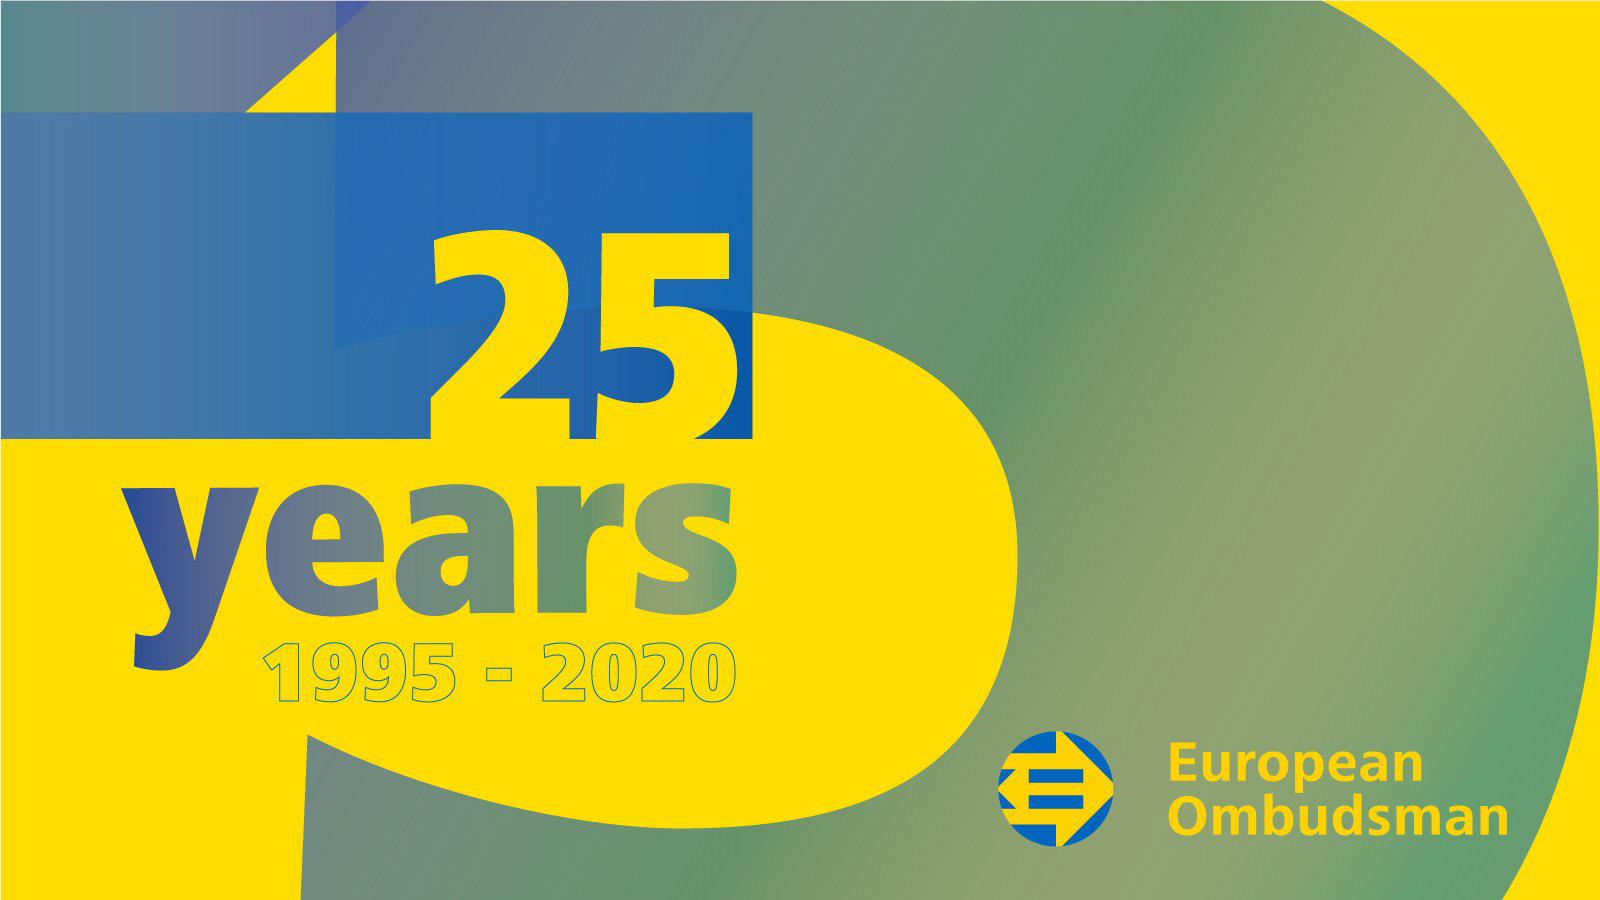 Konference k 25. výročí zřízení úřadu